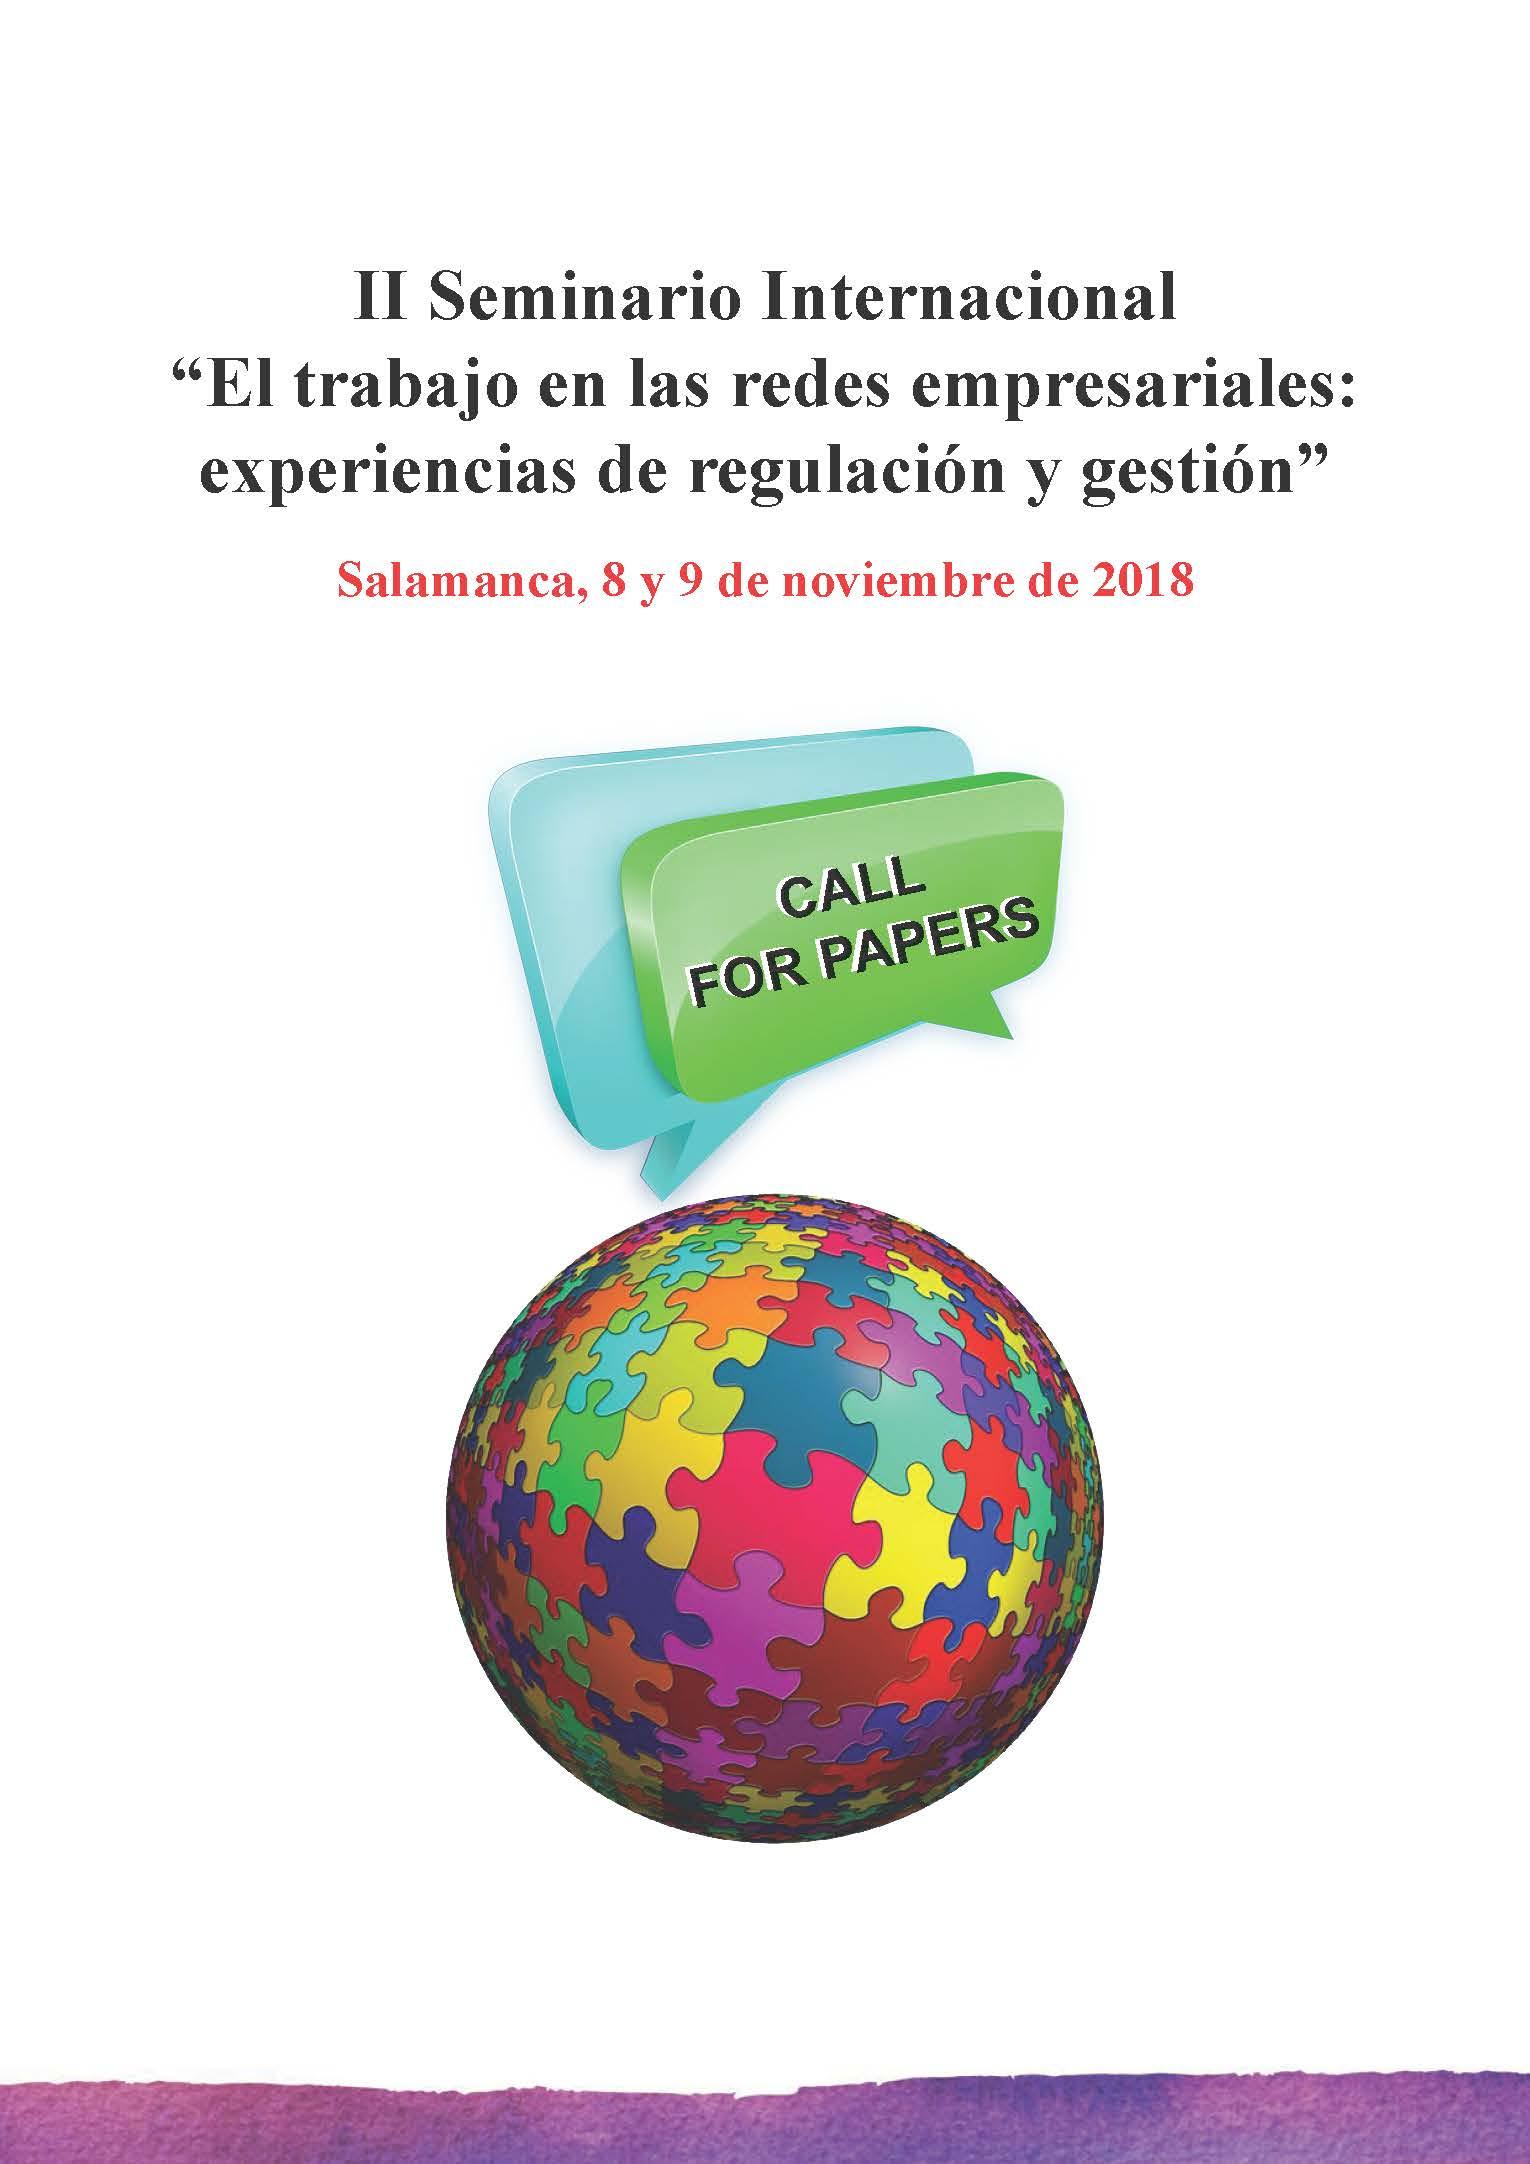 Derechos fundamentales en el trabajo | El blog de Wilfredo Sanguineti